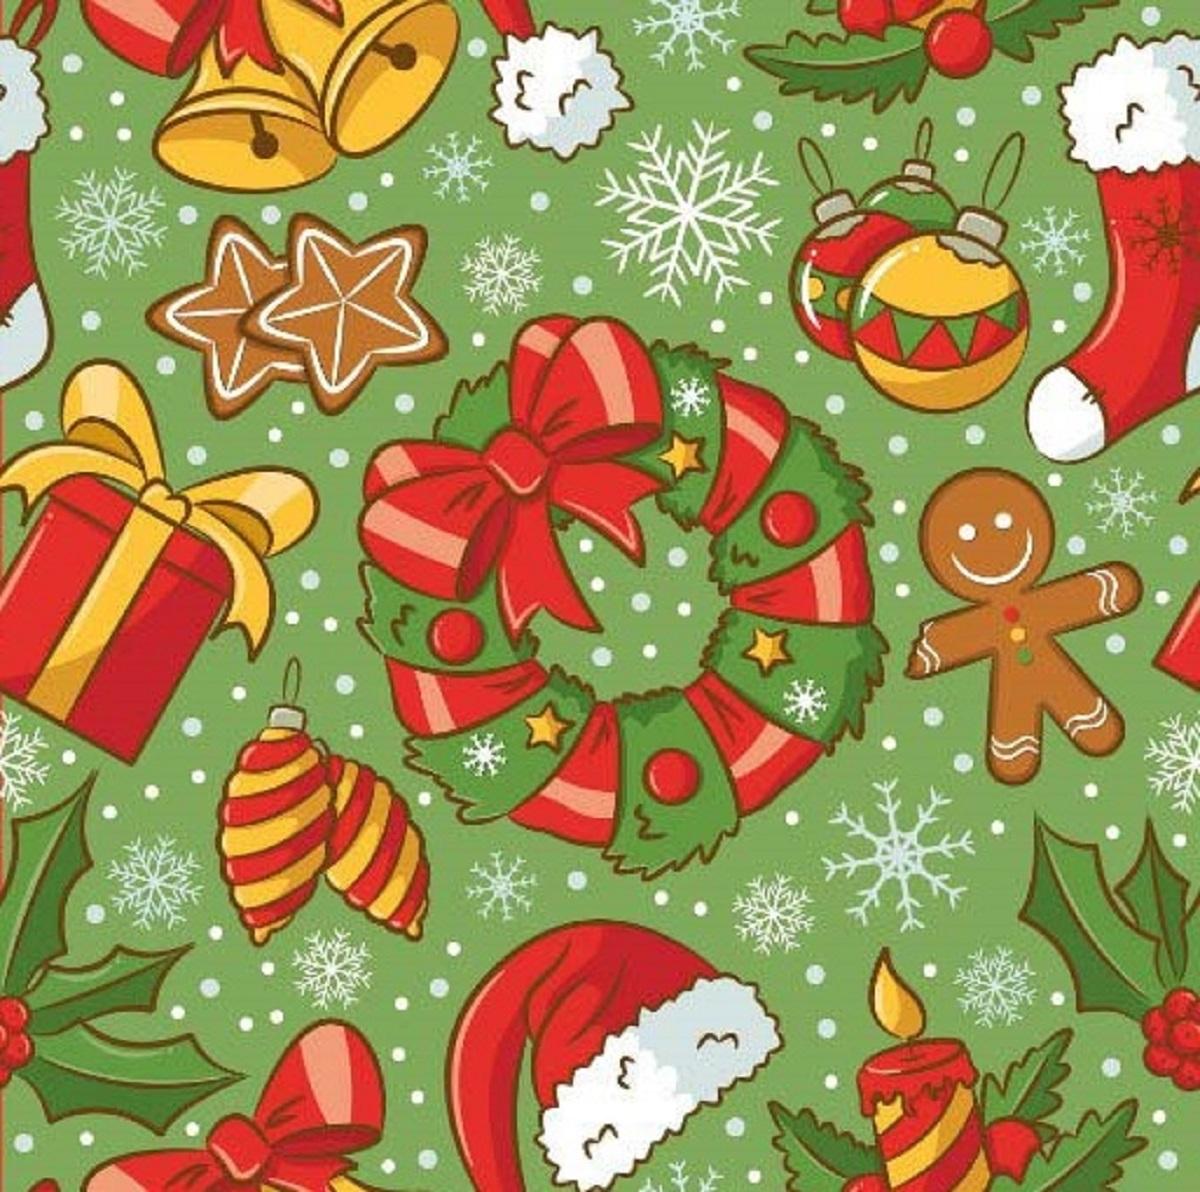 Салфетки бумажные Gratias Рождество, цвет: зеленый, трехслойные, 33 х 33 см, 20 штAS 25Для бытового и санитарно-гигиенического назначения одноразового использования.